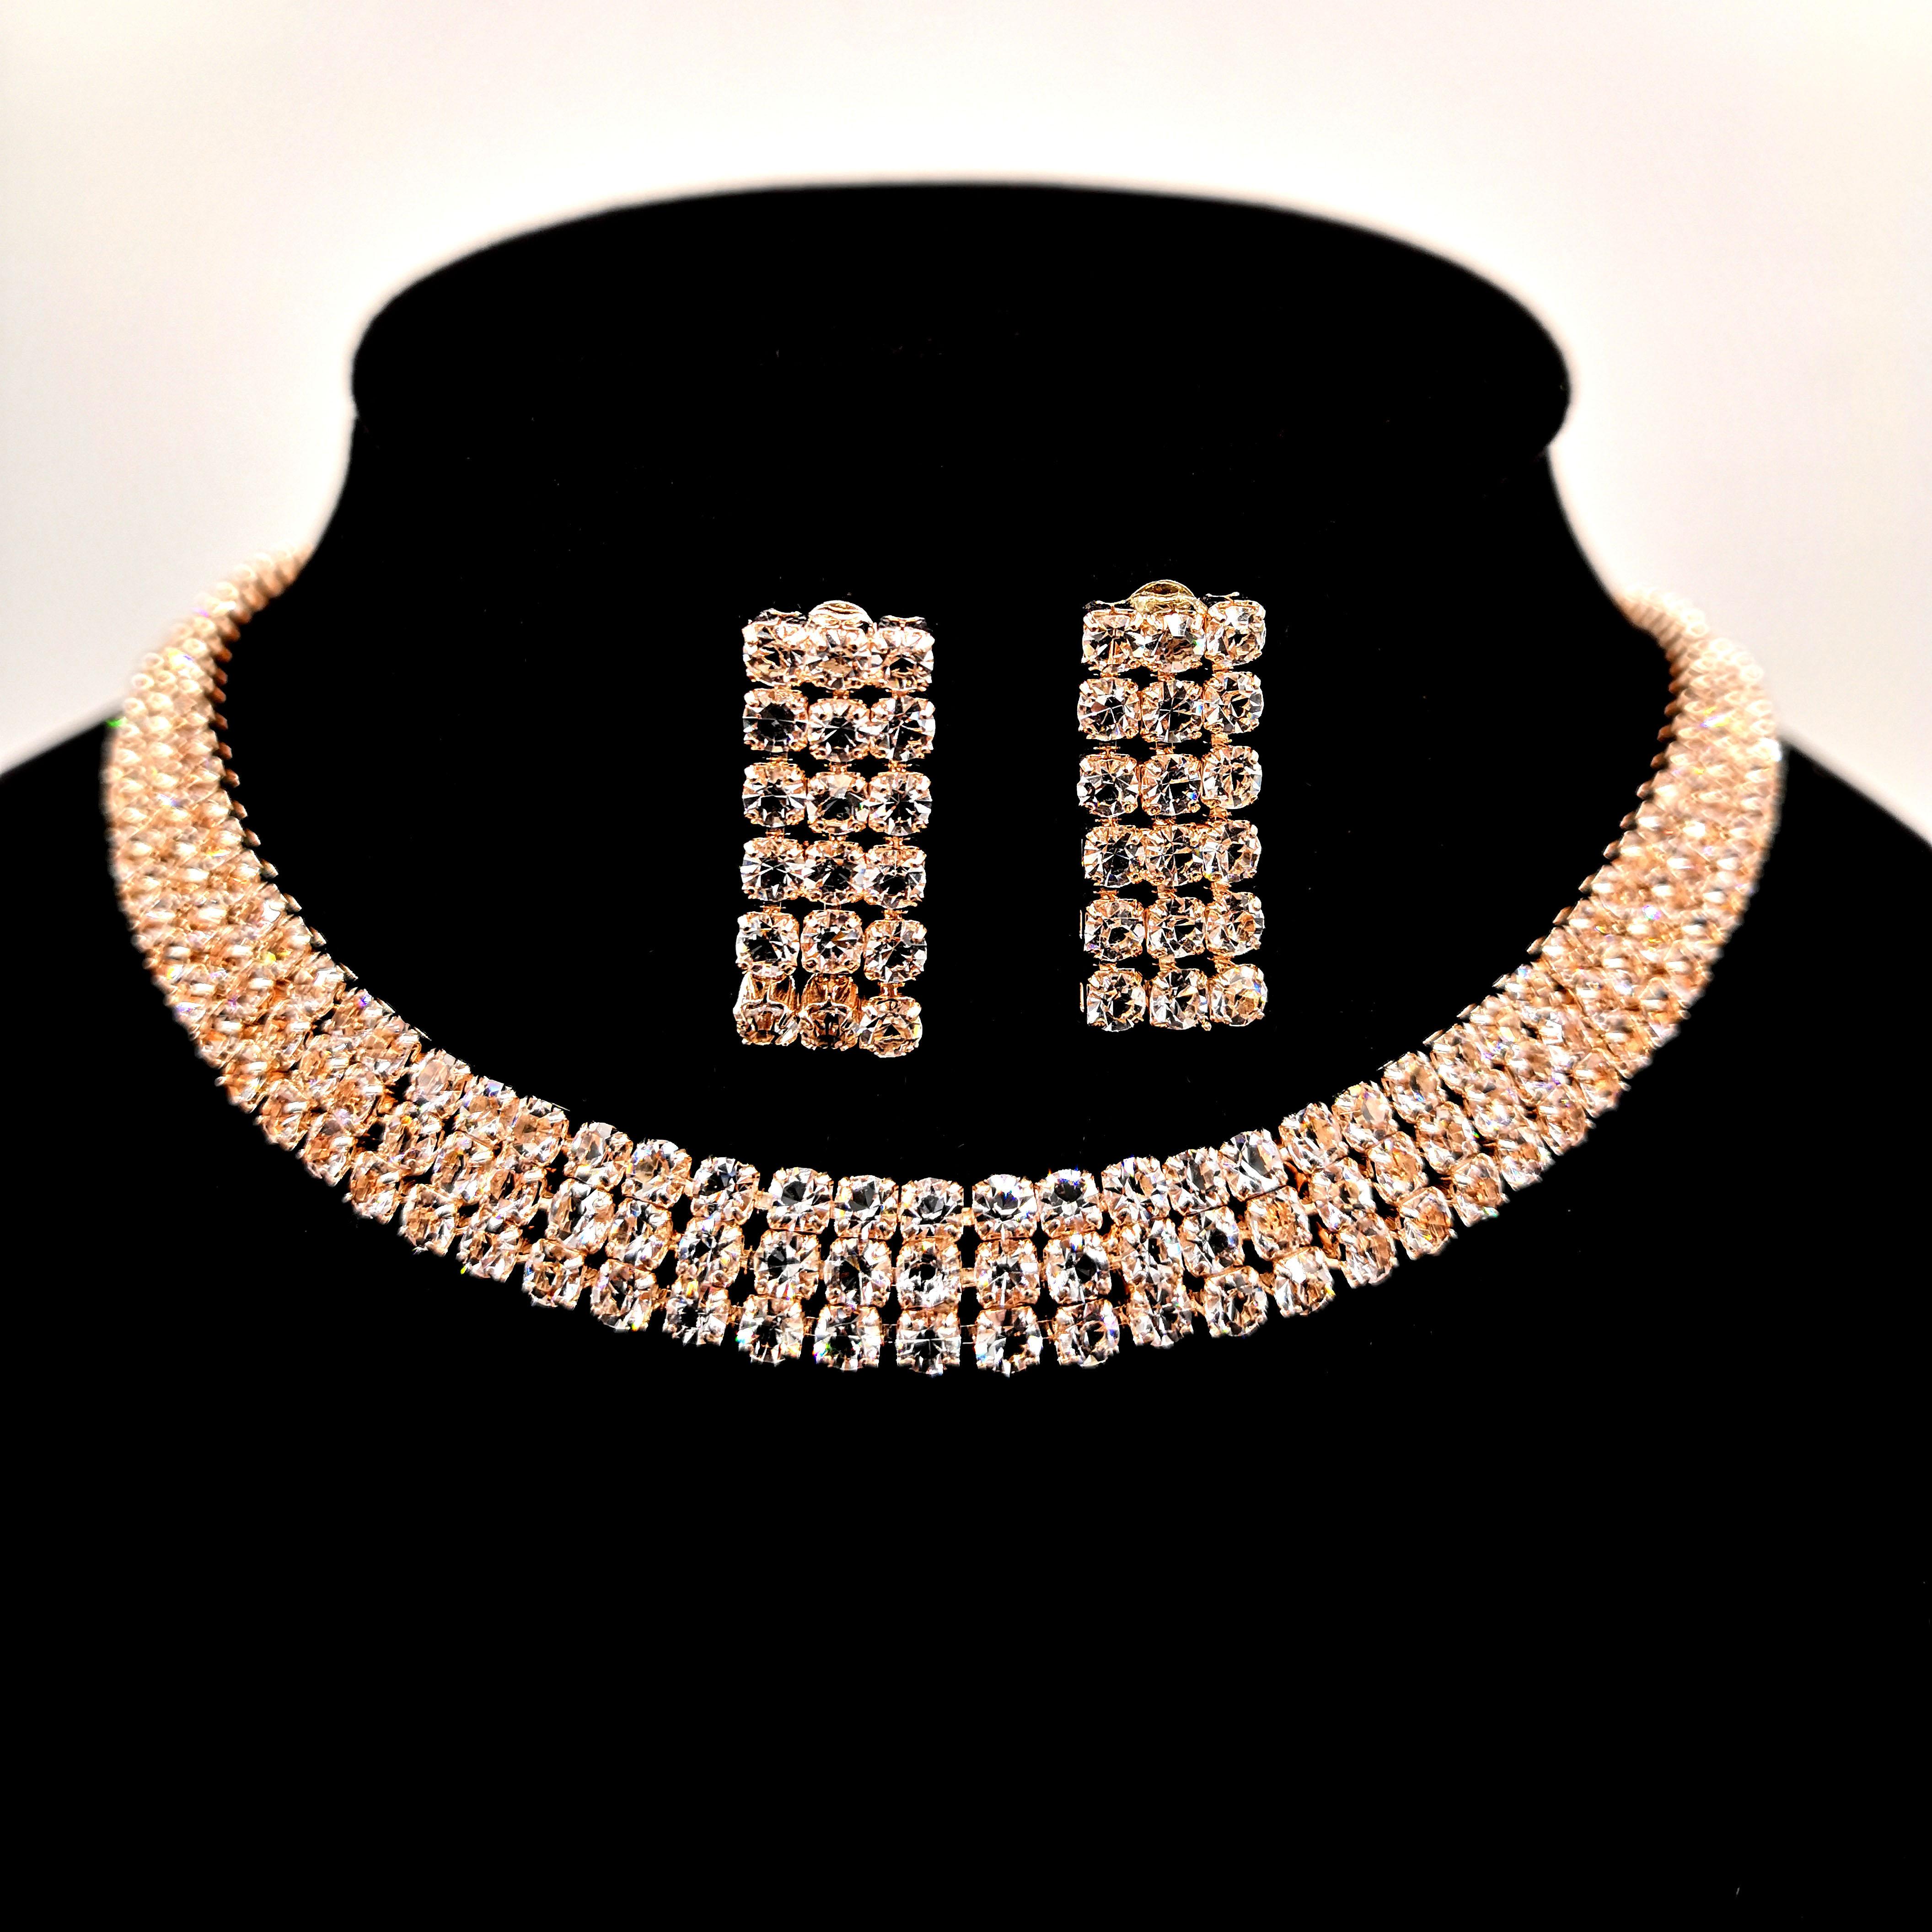 Rhinestone choker necklace set silver zirconia pave necklace jewellery set costume choker jewelry фото